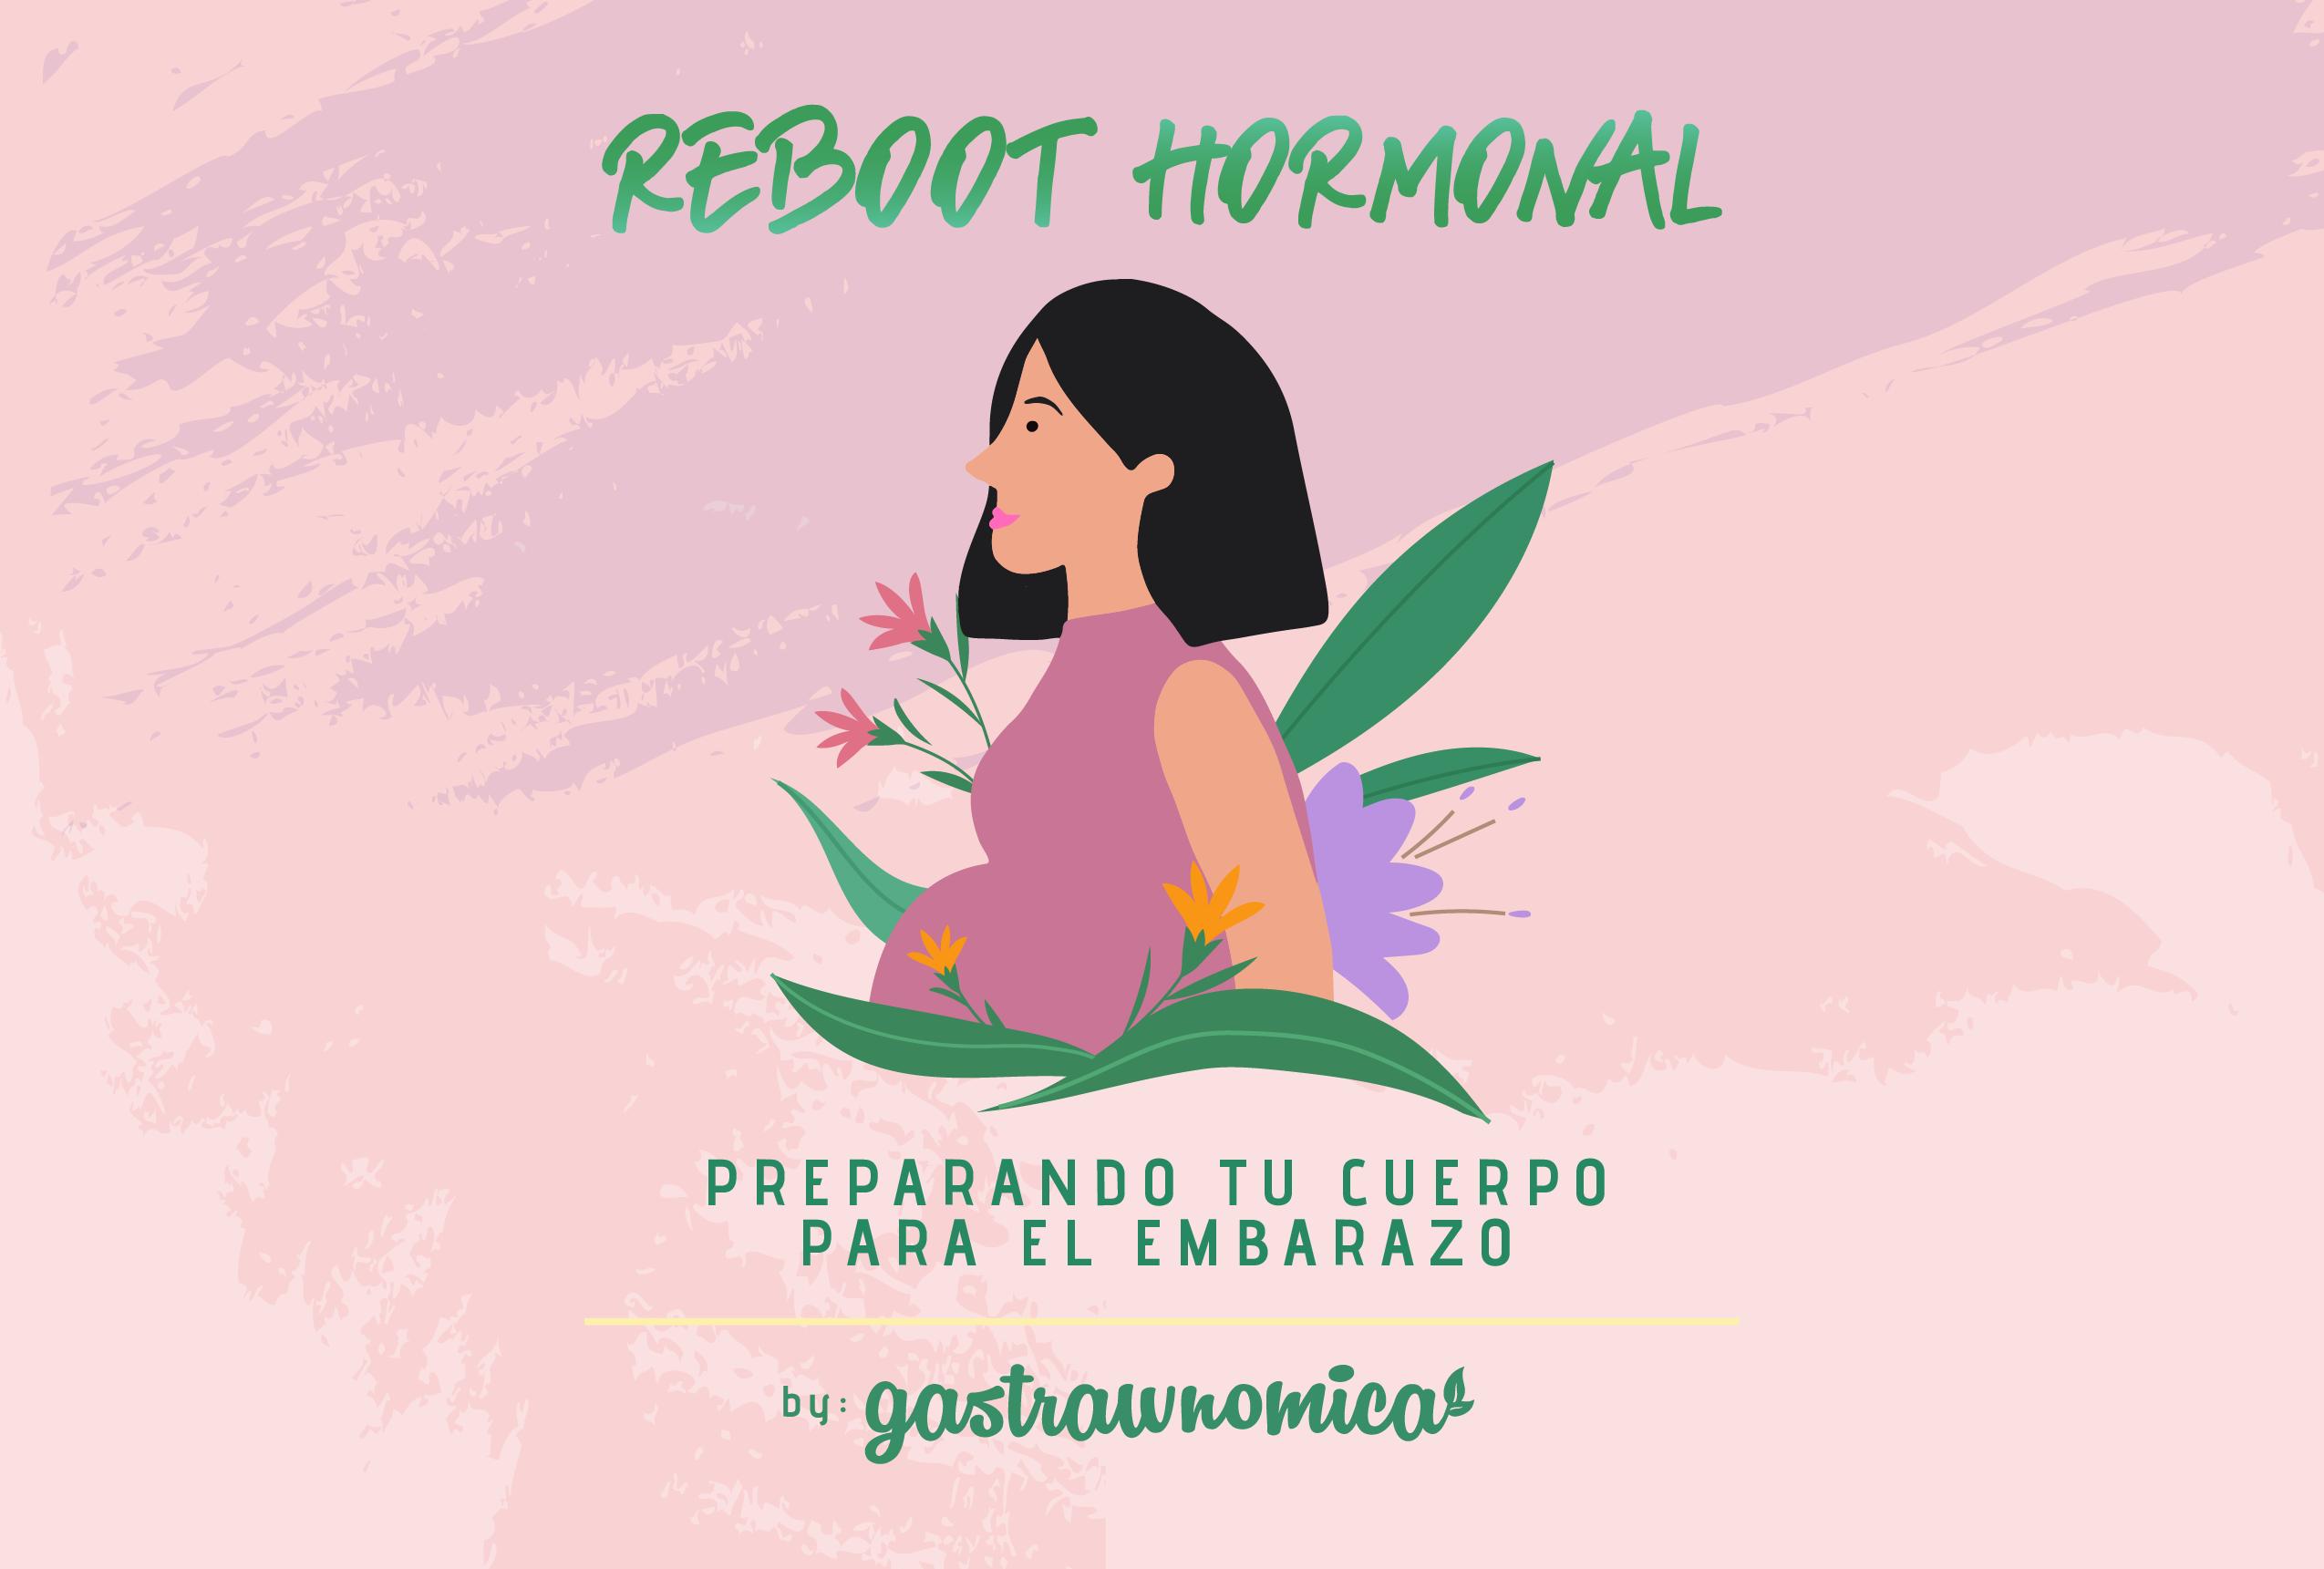 Reboot Hormonal: Fertilidad